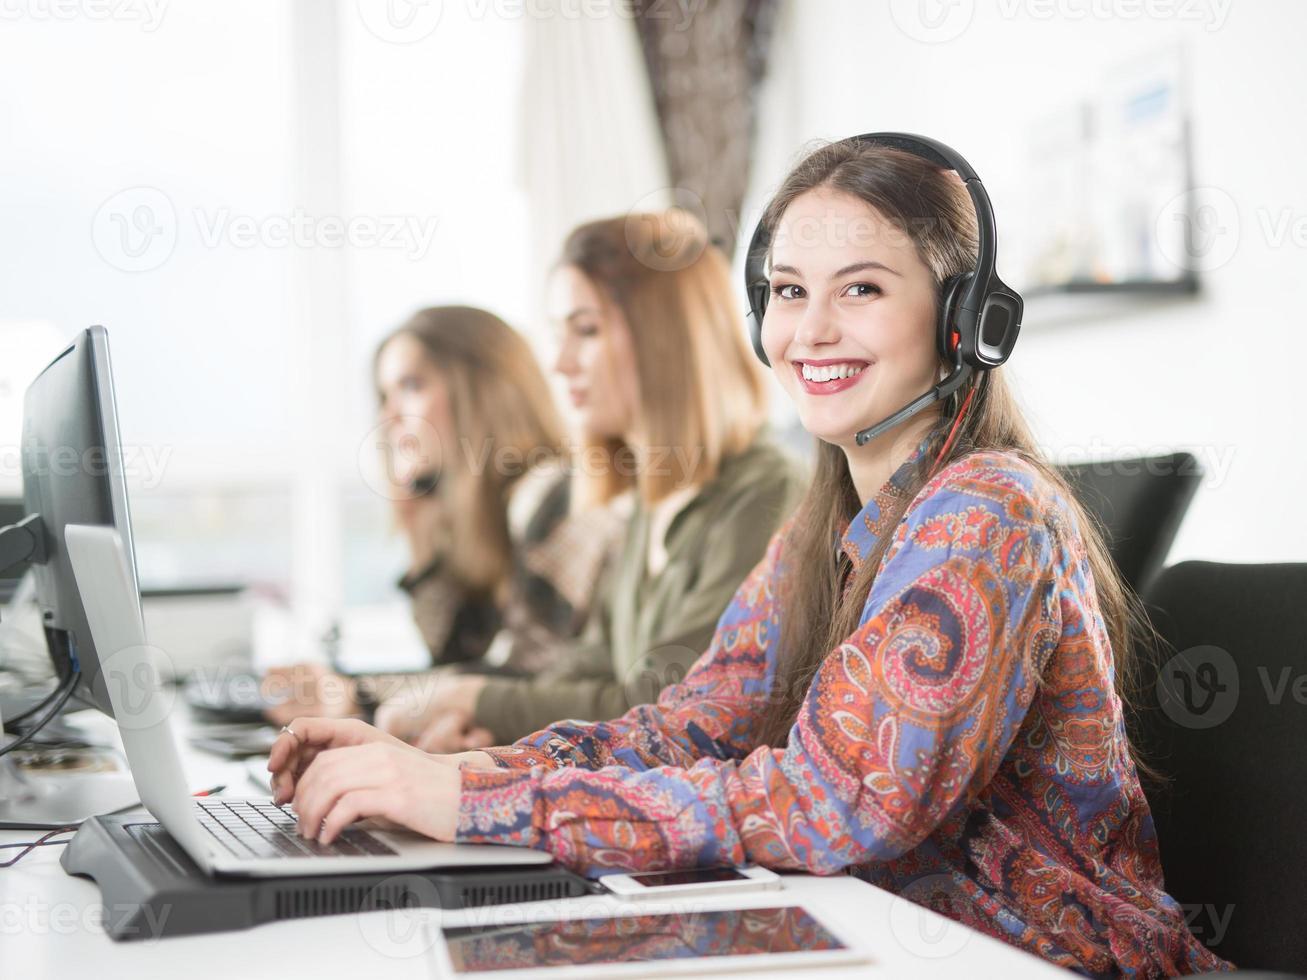 equipo de servicio al cliente en el lugar de trabajo moderno foto